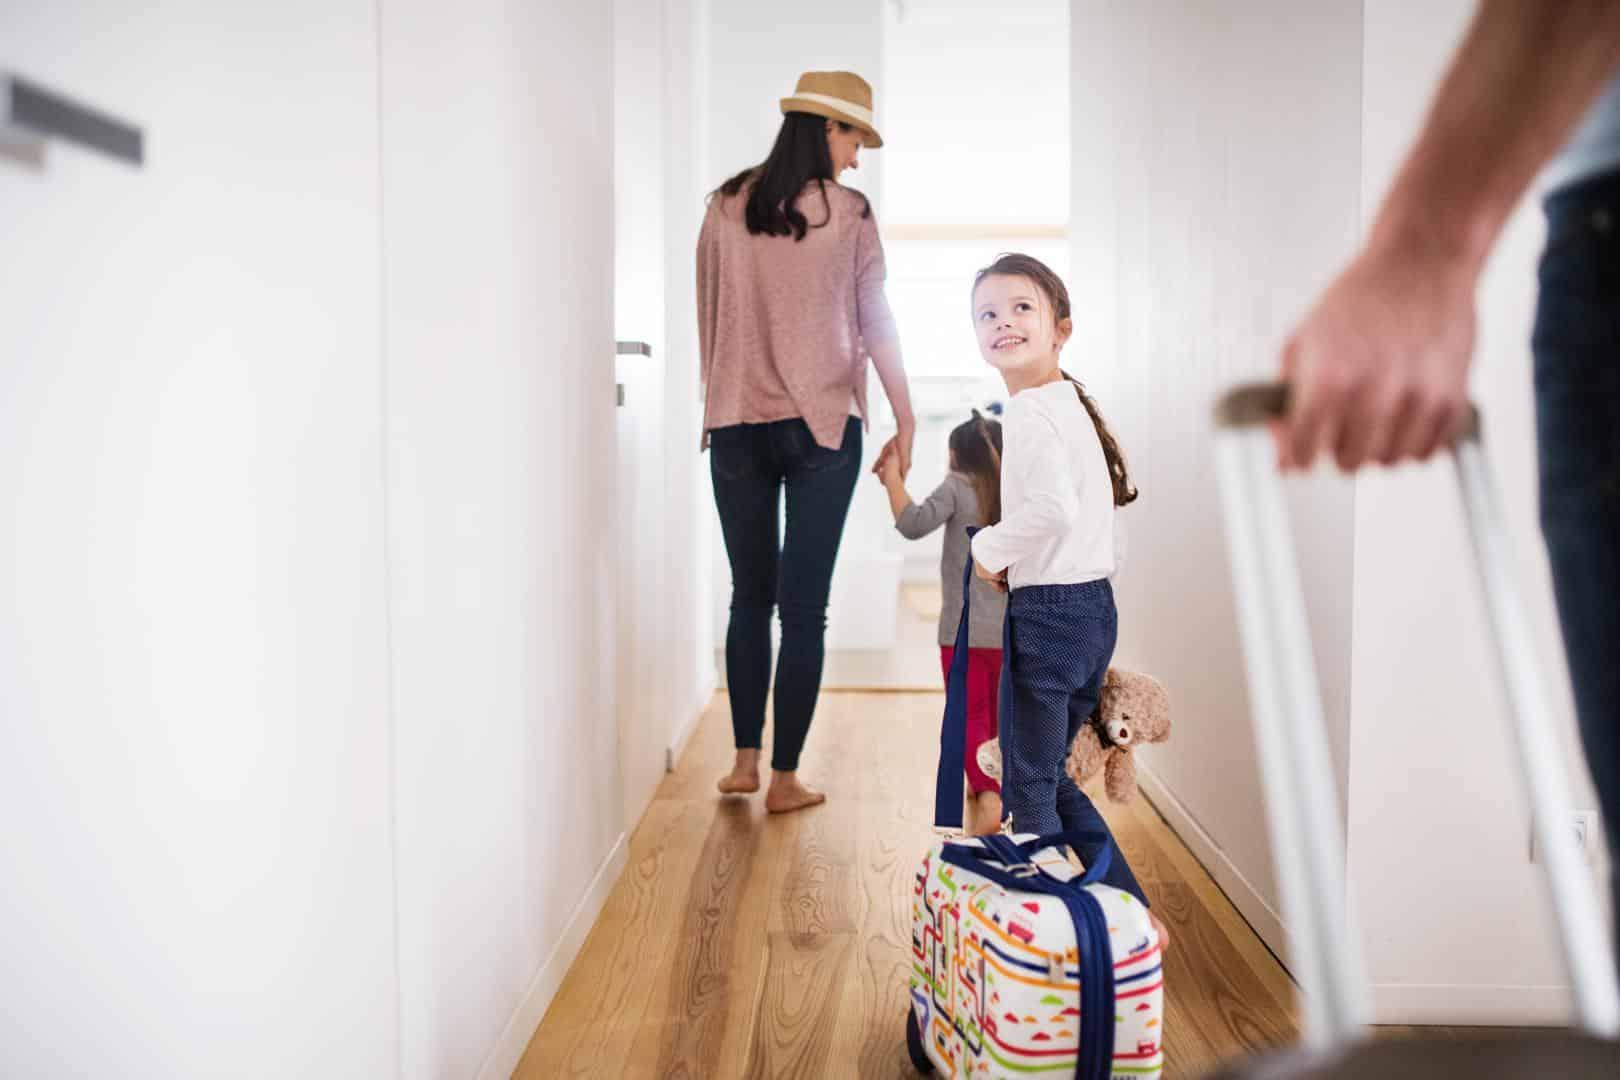 Familie zuhause mit Ihren Koffern auf dem Weg in den Urlaub